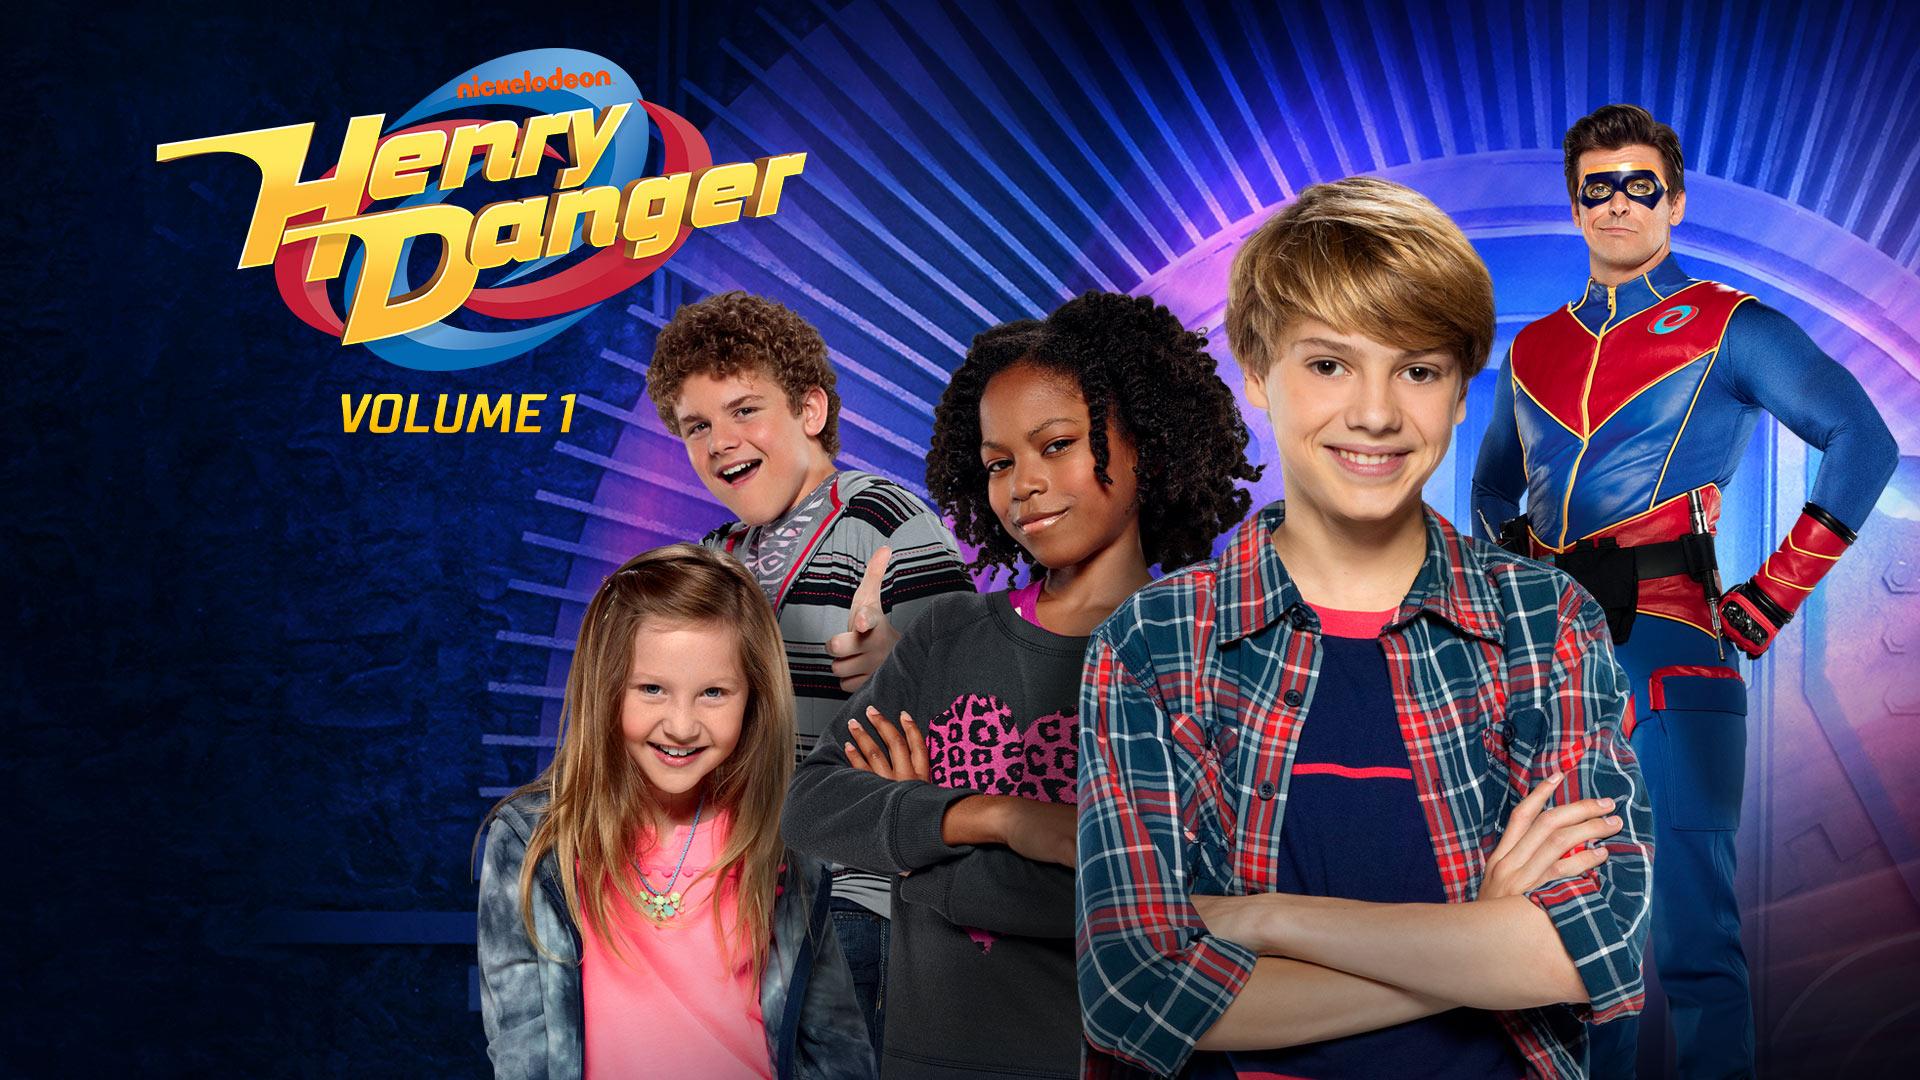 Henry Danger Volume 1